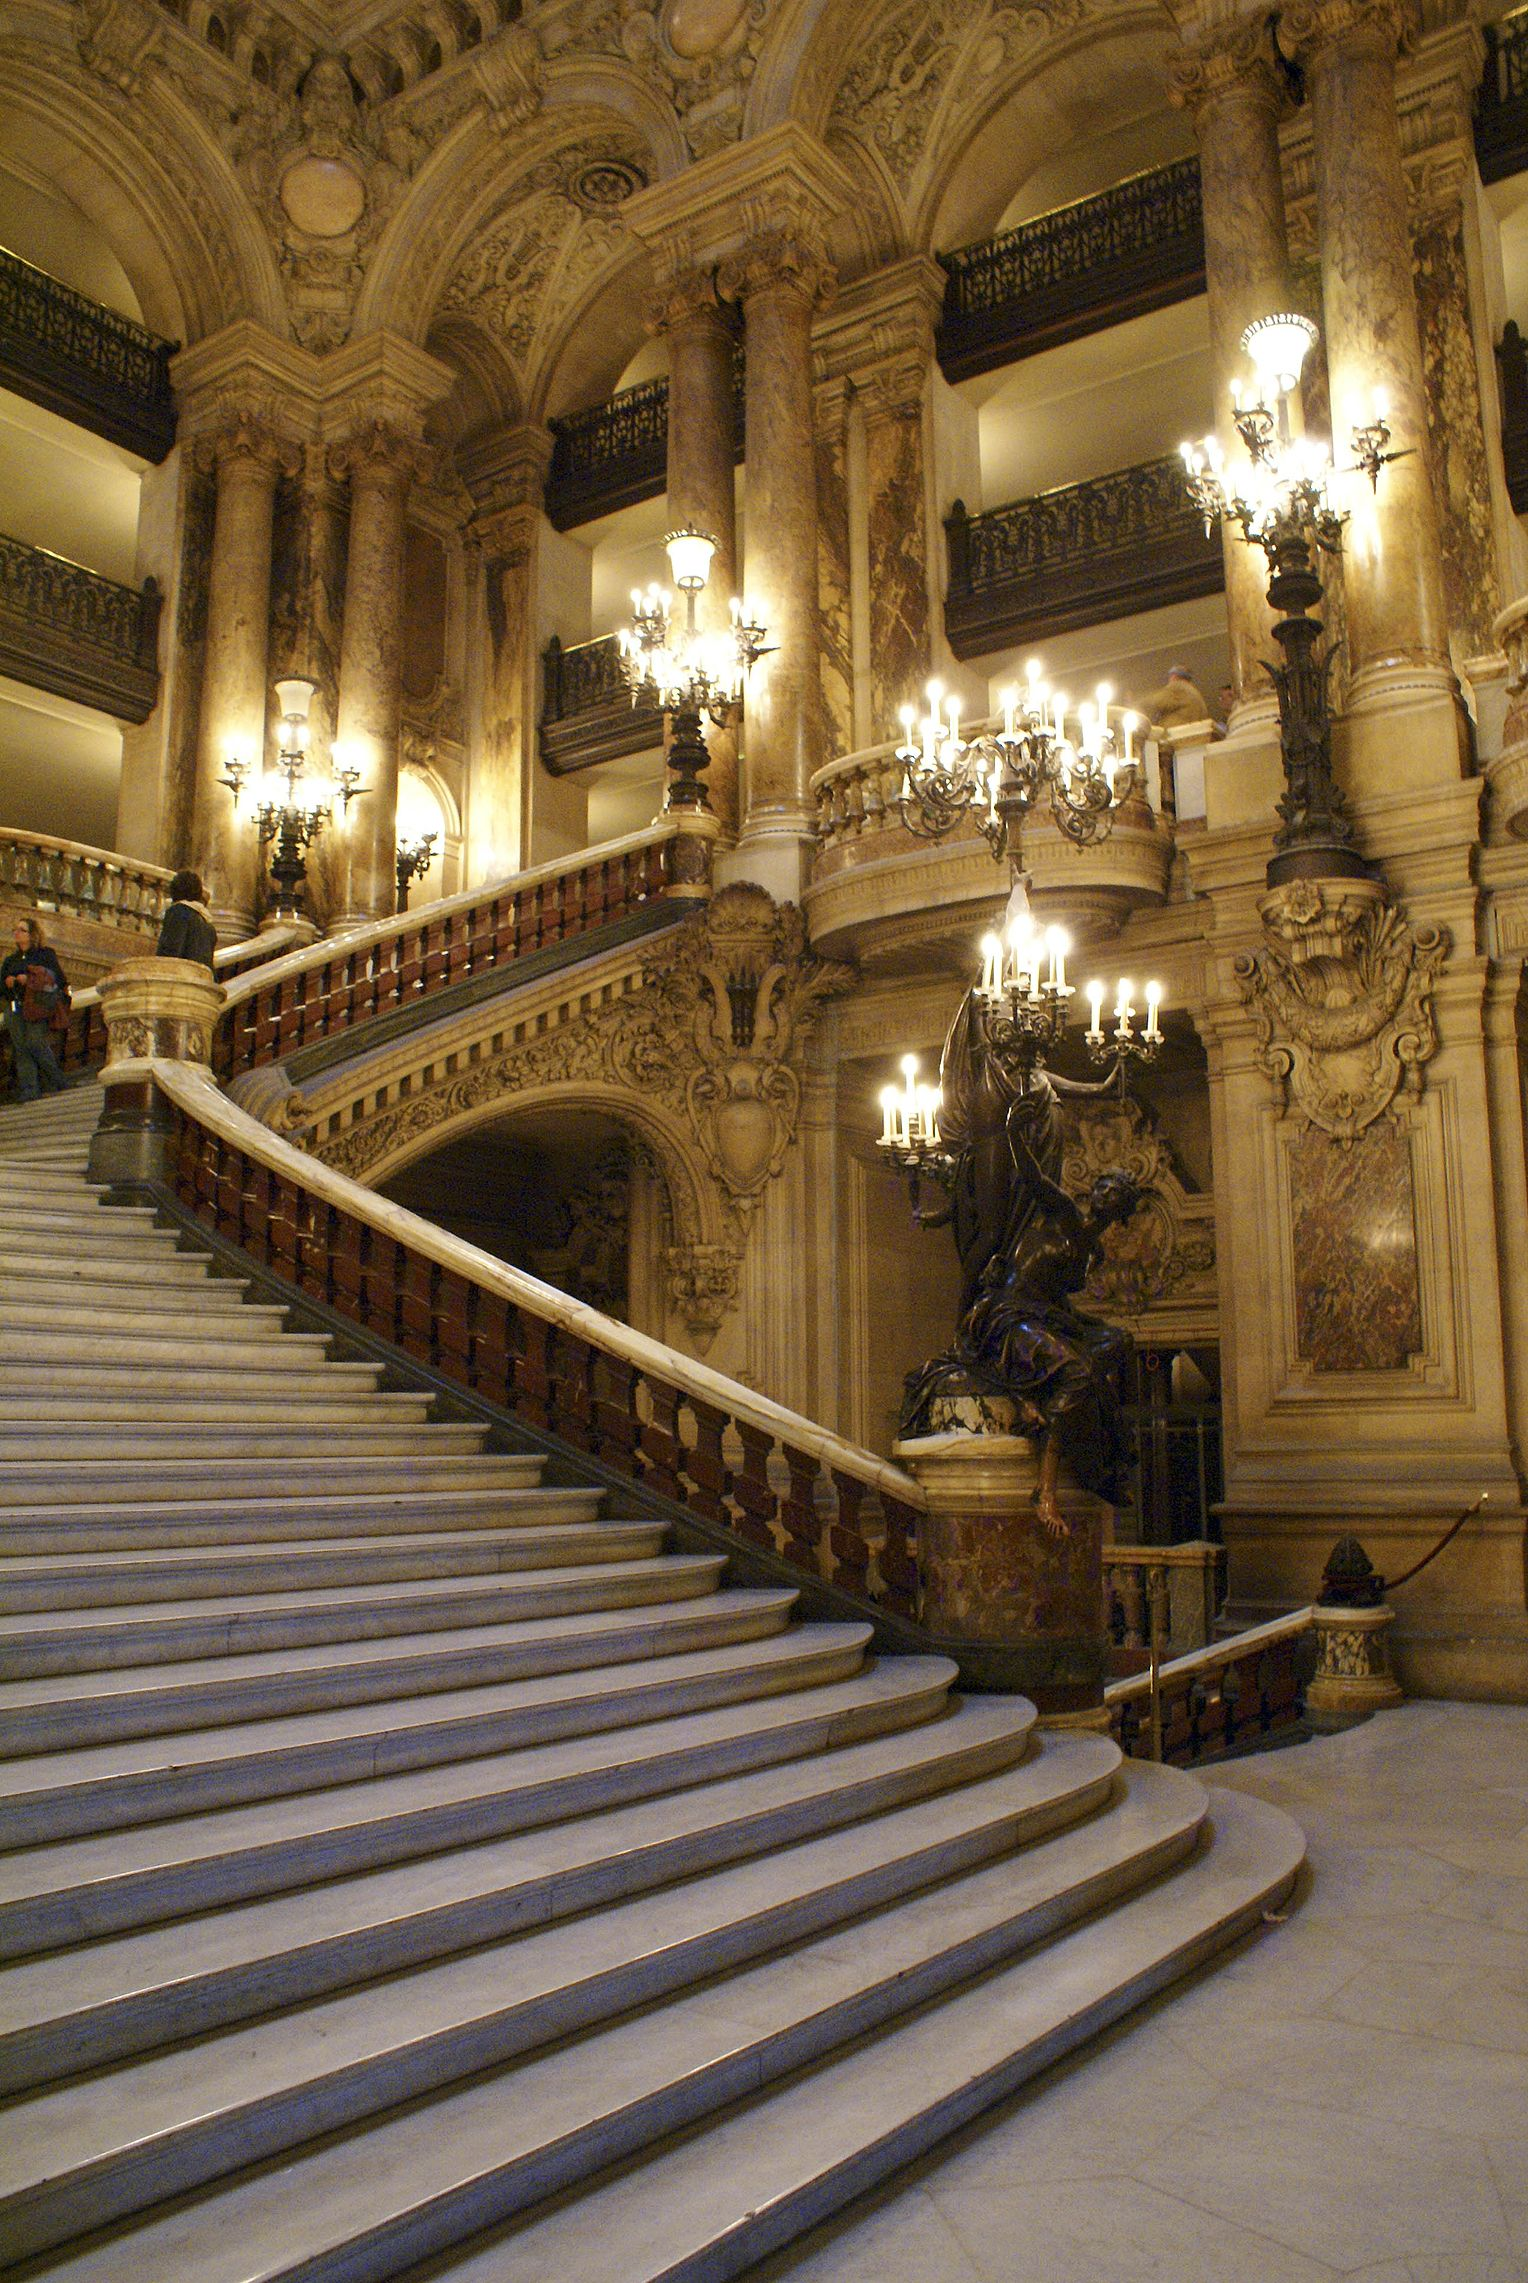 le grand escalier de l op ra garnier paris voulu par l empereur napol on iii c est charles. Black Bedroom Furniture Sets. Home Design Ideas